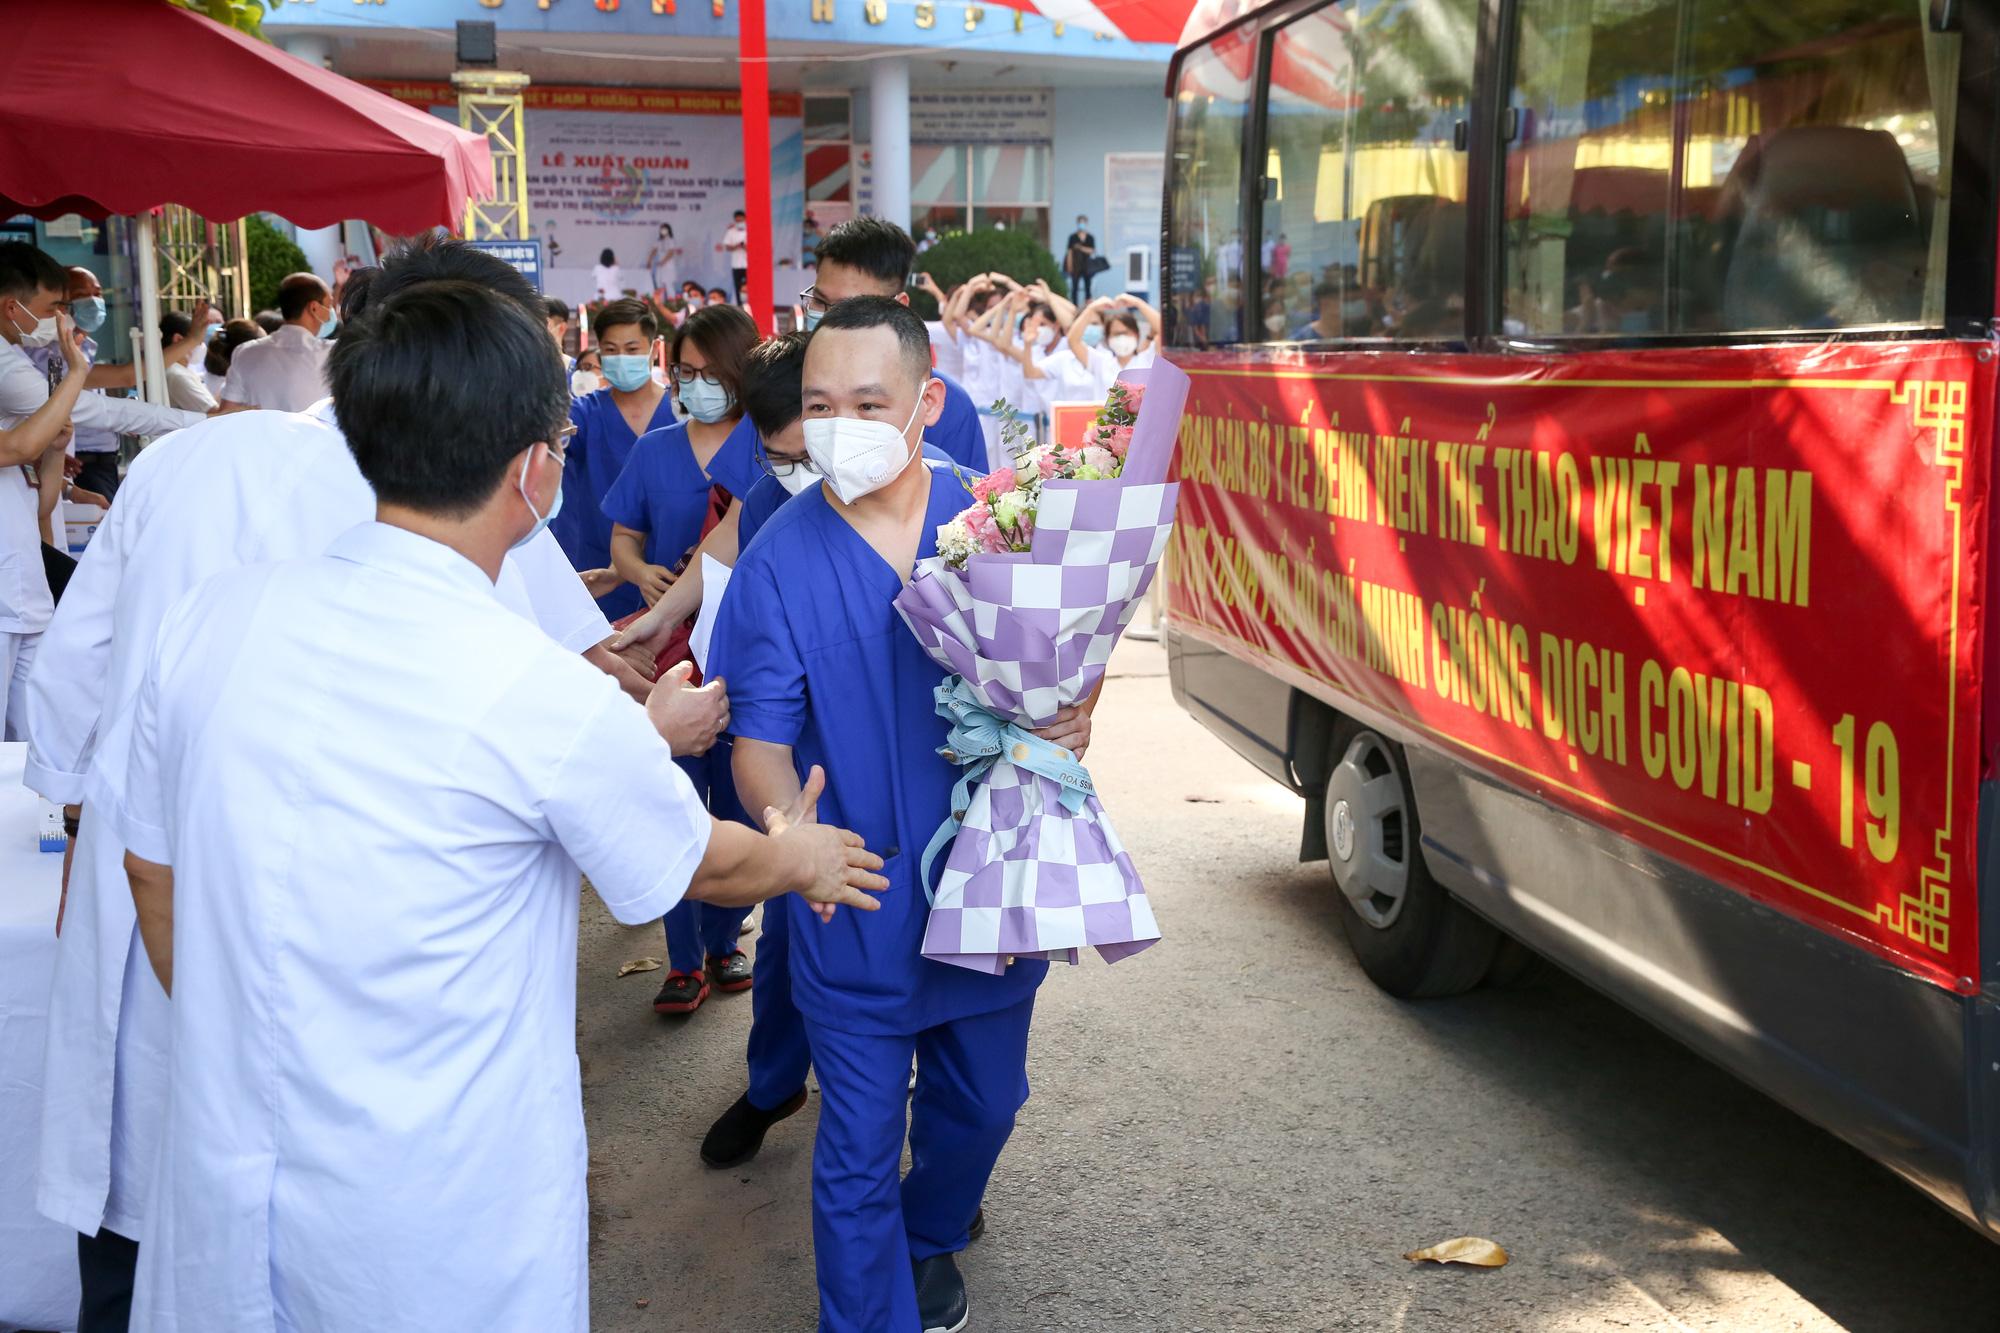 Bệnh viên Thể thao Việt Nam xuất quân tăng cường lực lượng vào miền Nam chống dịch - Ảnh 14.